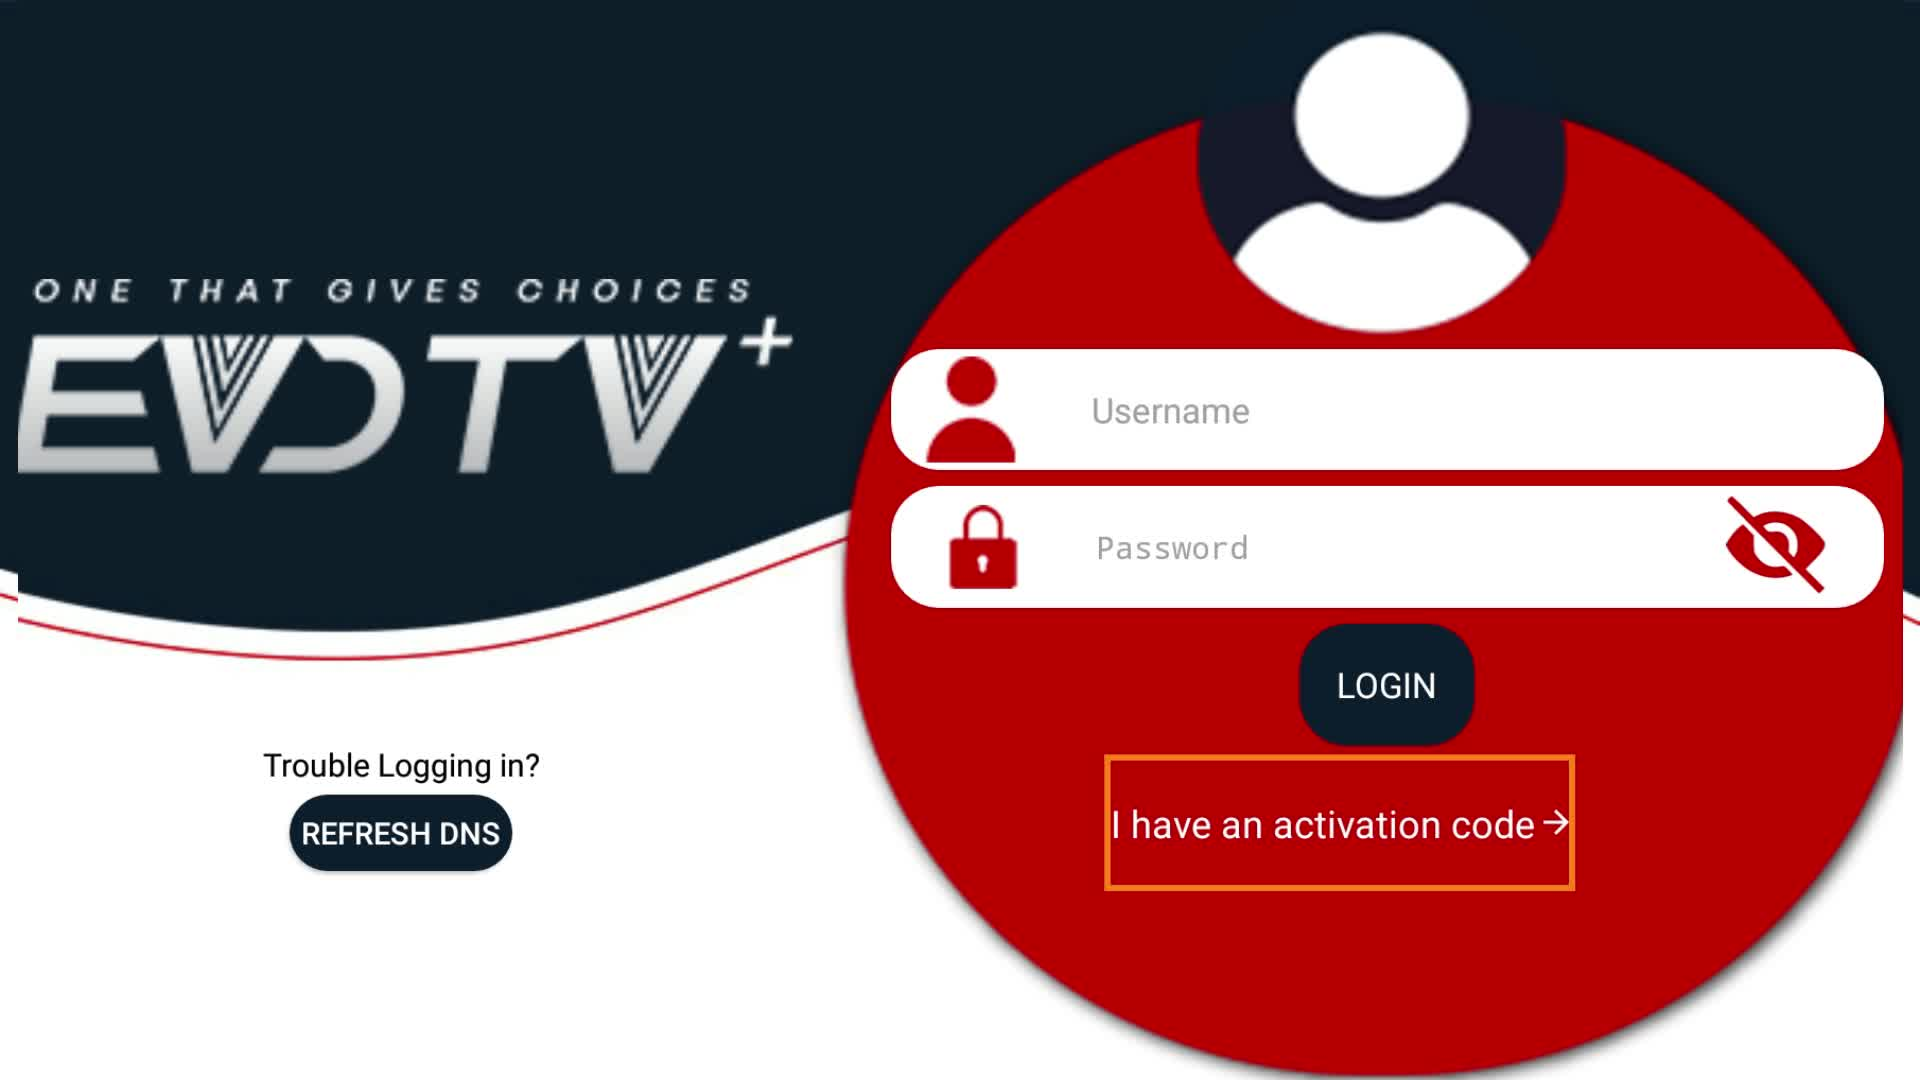 Tam Avrupa iptv Kanal 1 Yıl EVDTV IPTV Kodu Arapça IPTV için En Çok Satan Orta Doğu Pazarı EVD TV